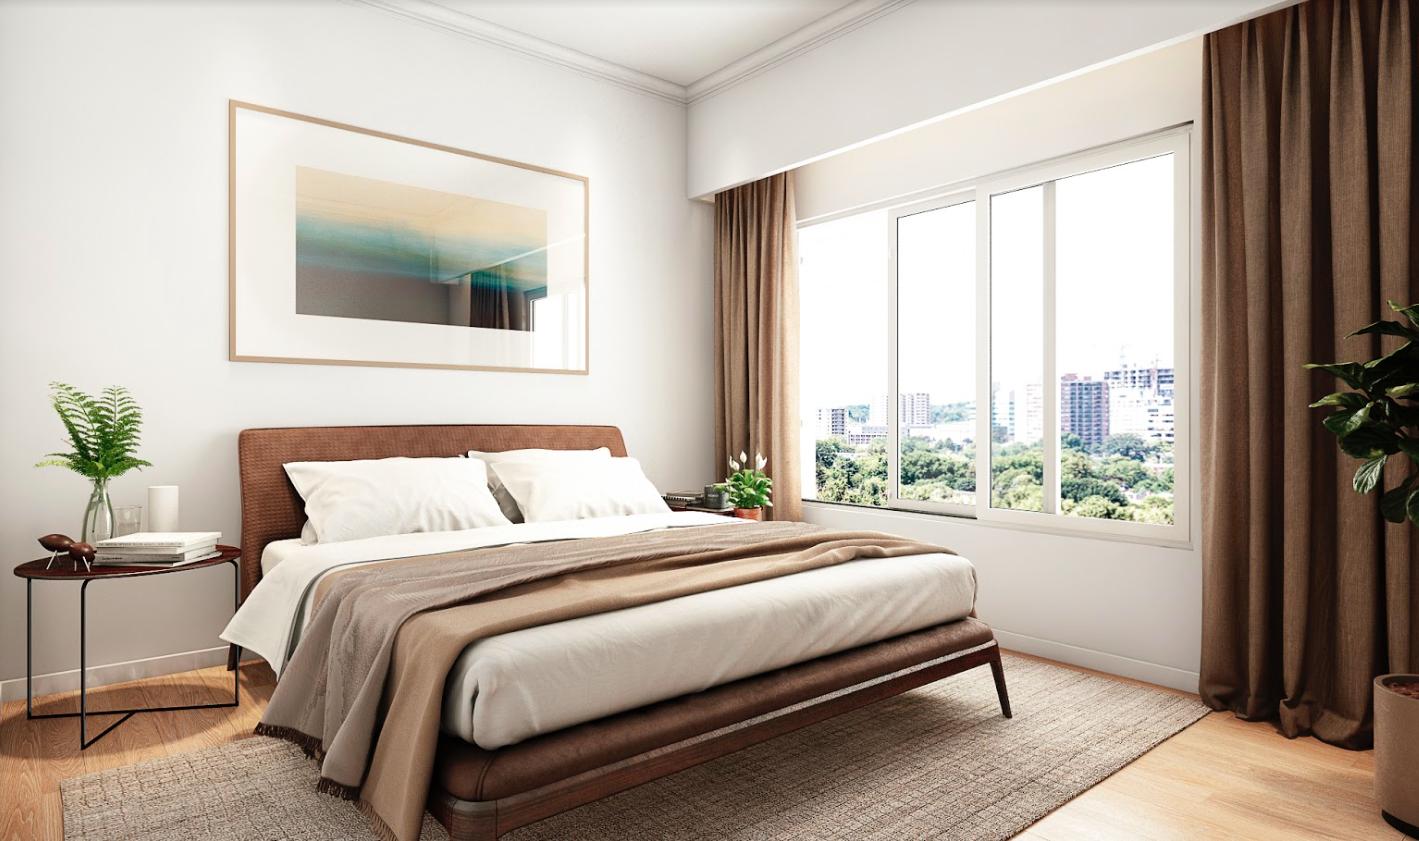 dormitorios de render profesional